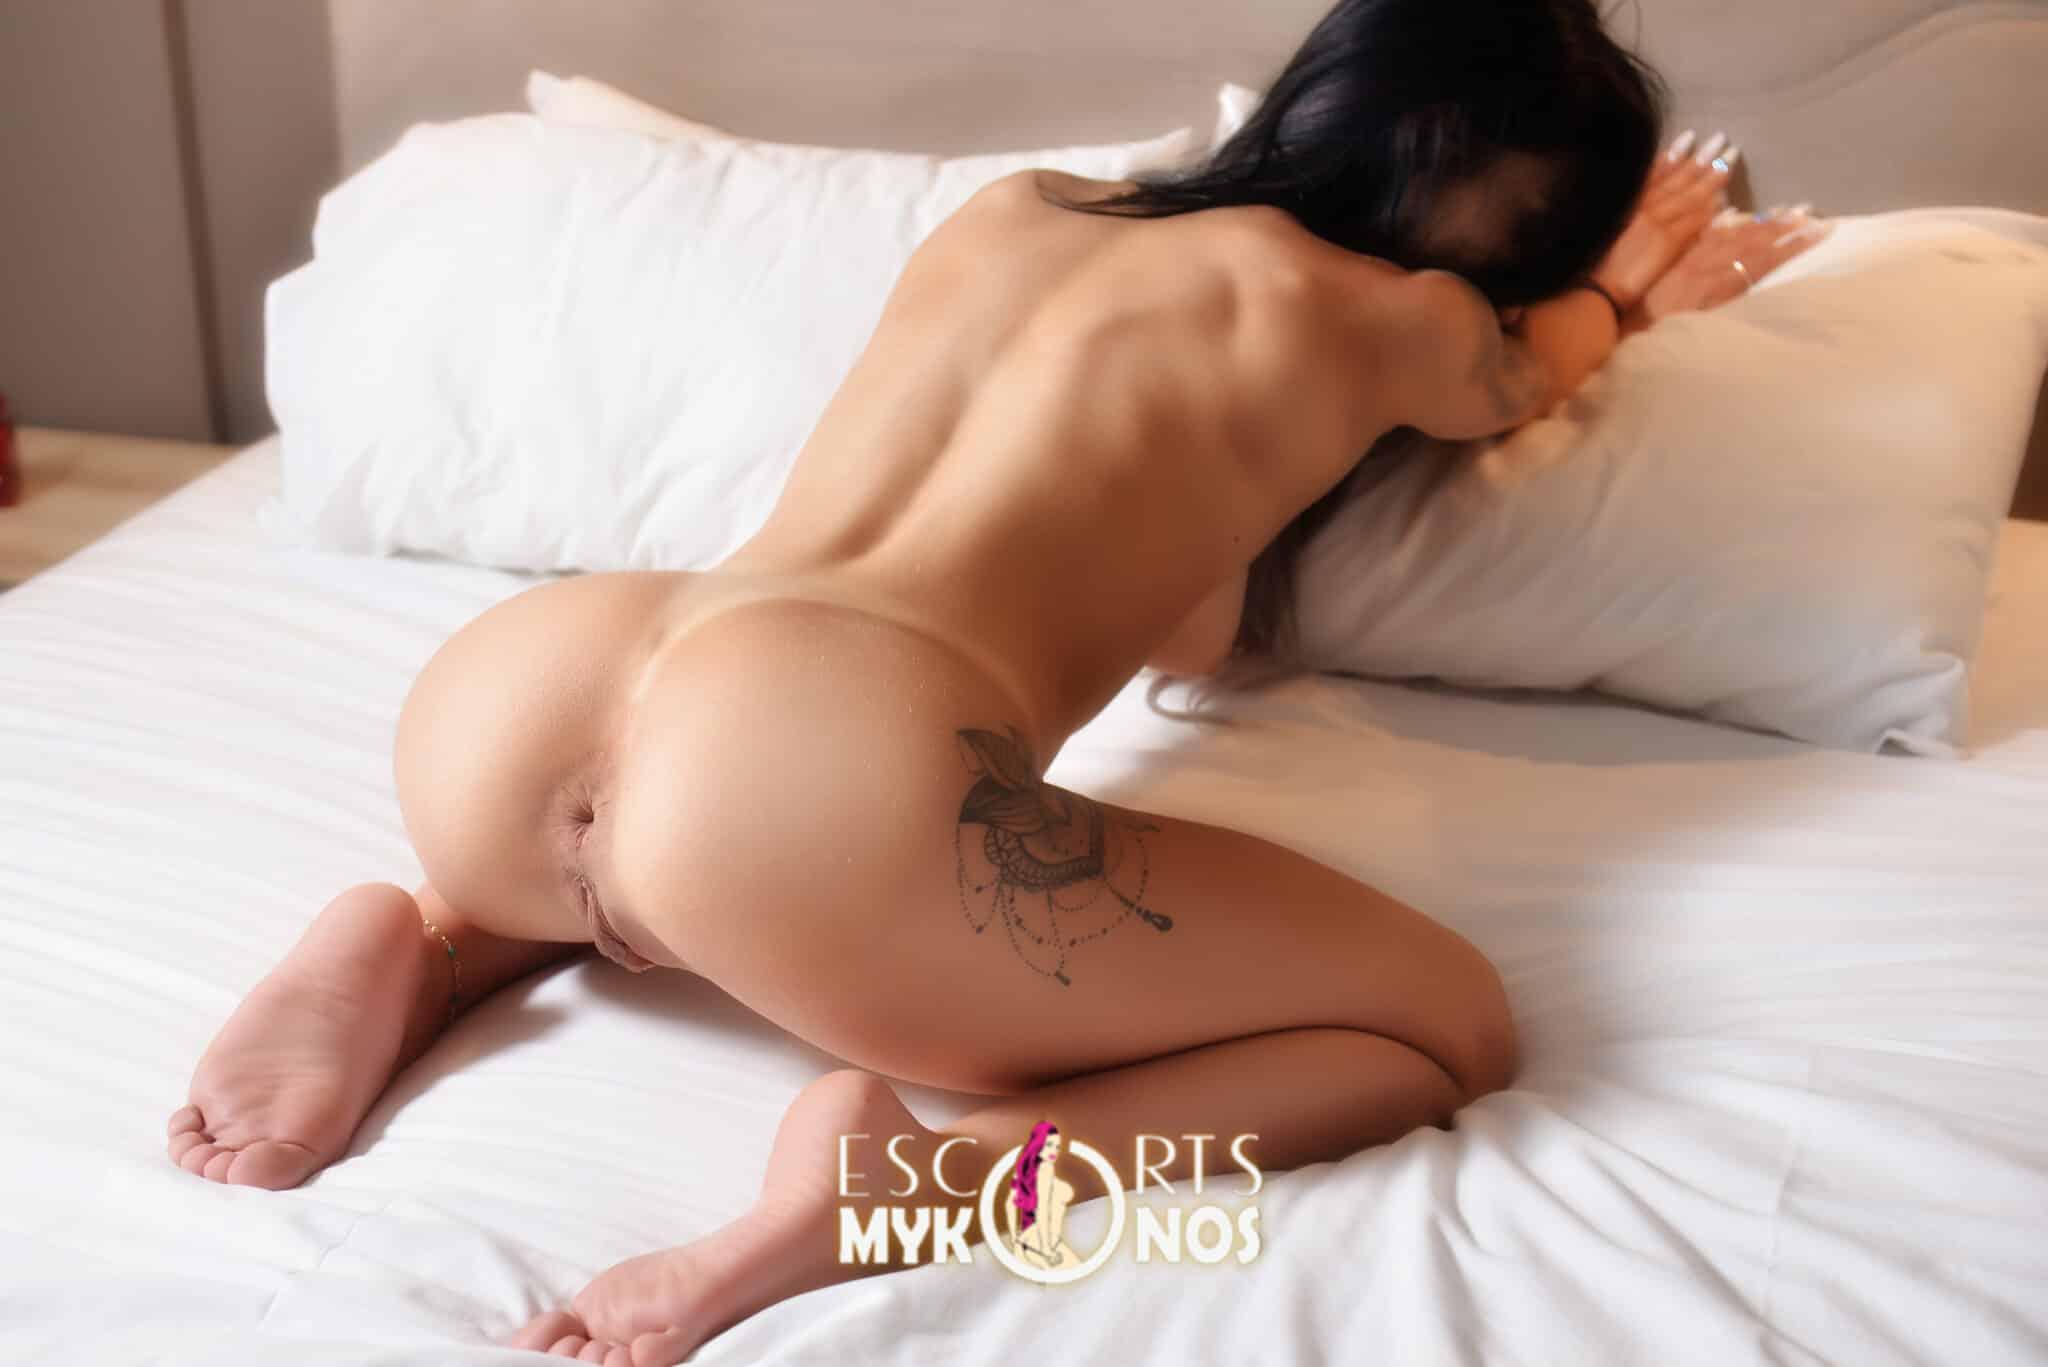 Sexy-Instagram-model-Mykonos-2048x1367